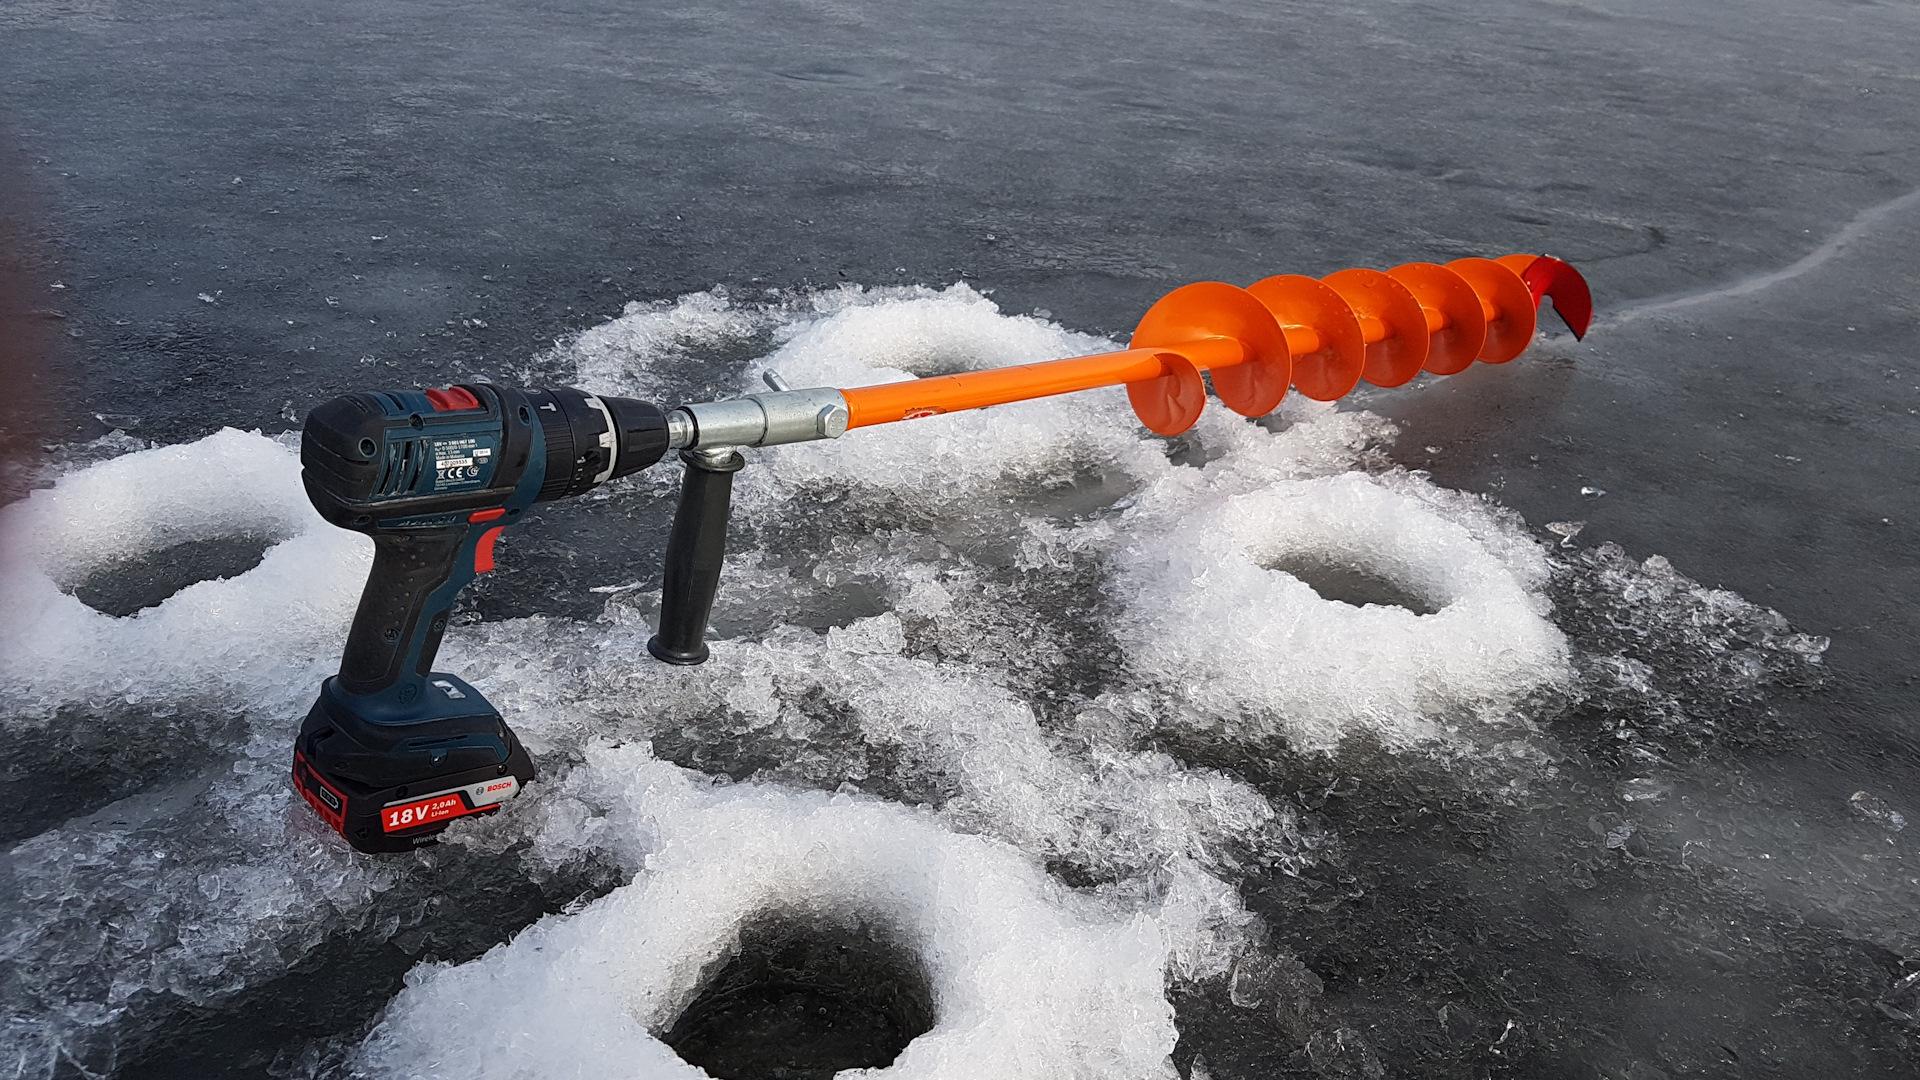 Рейтинг лучших шуруповертов для ледобура на зимнюю рыбалку в 2021 году